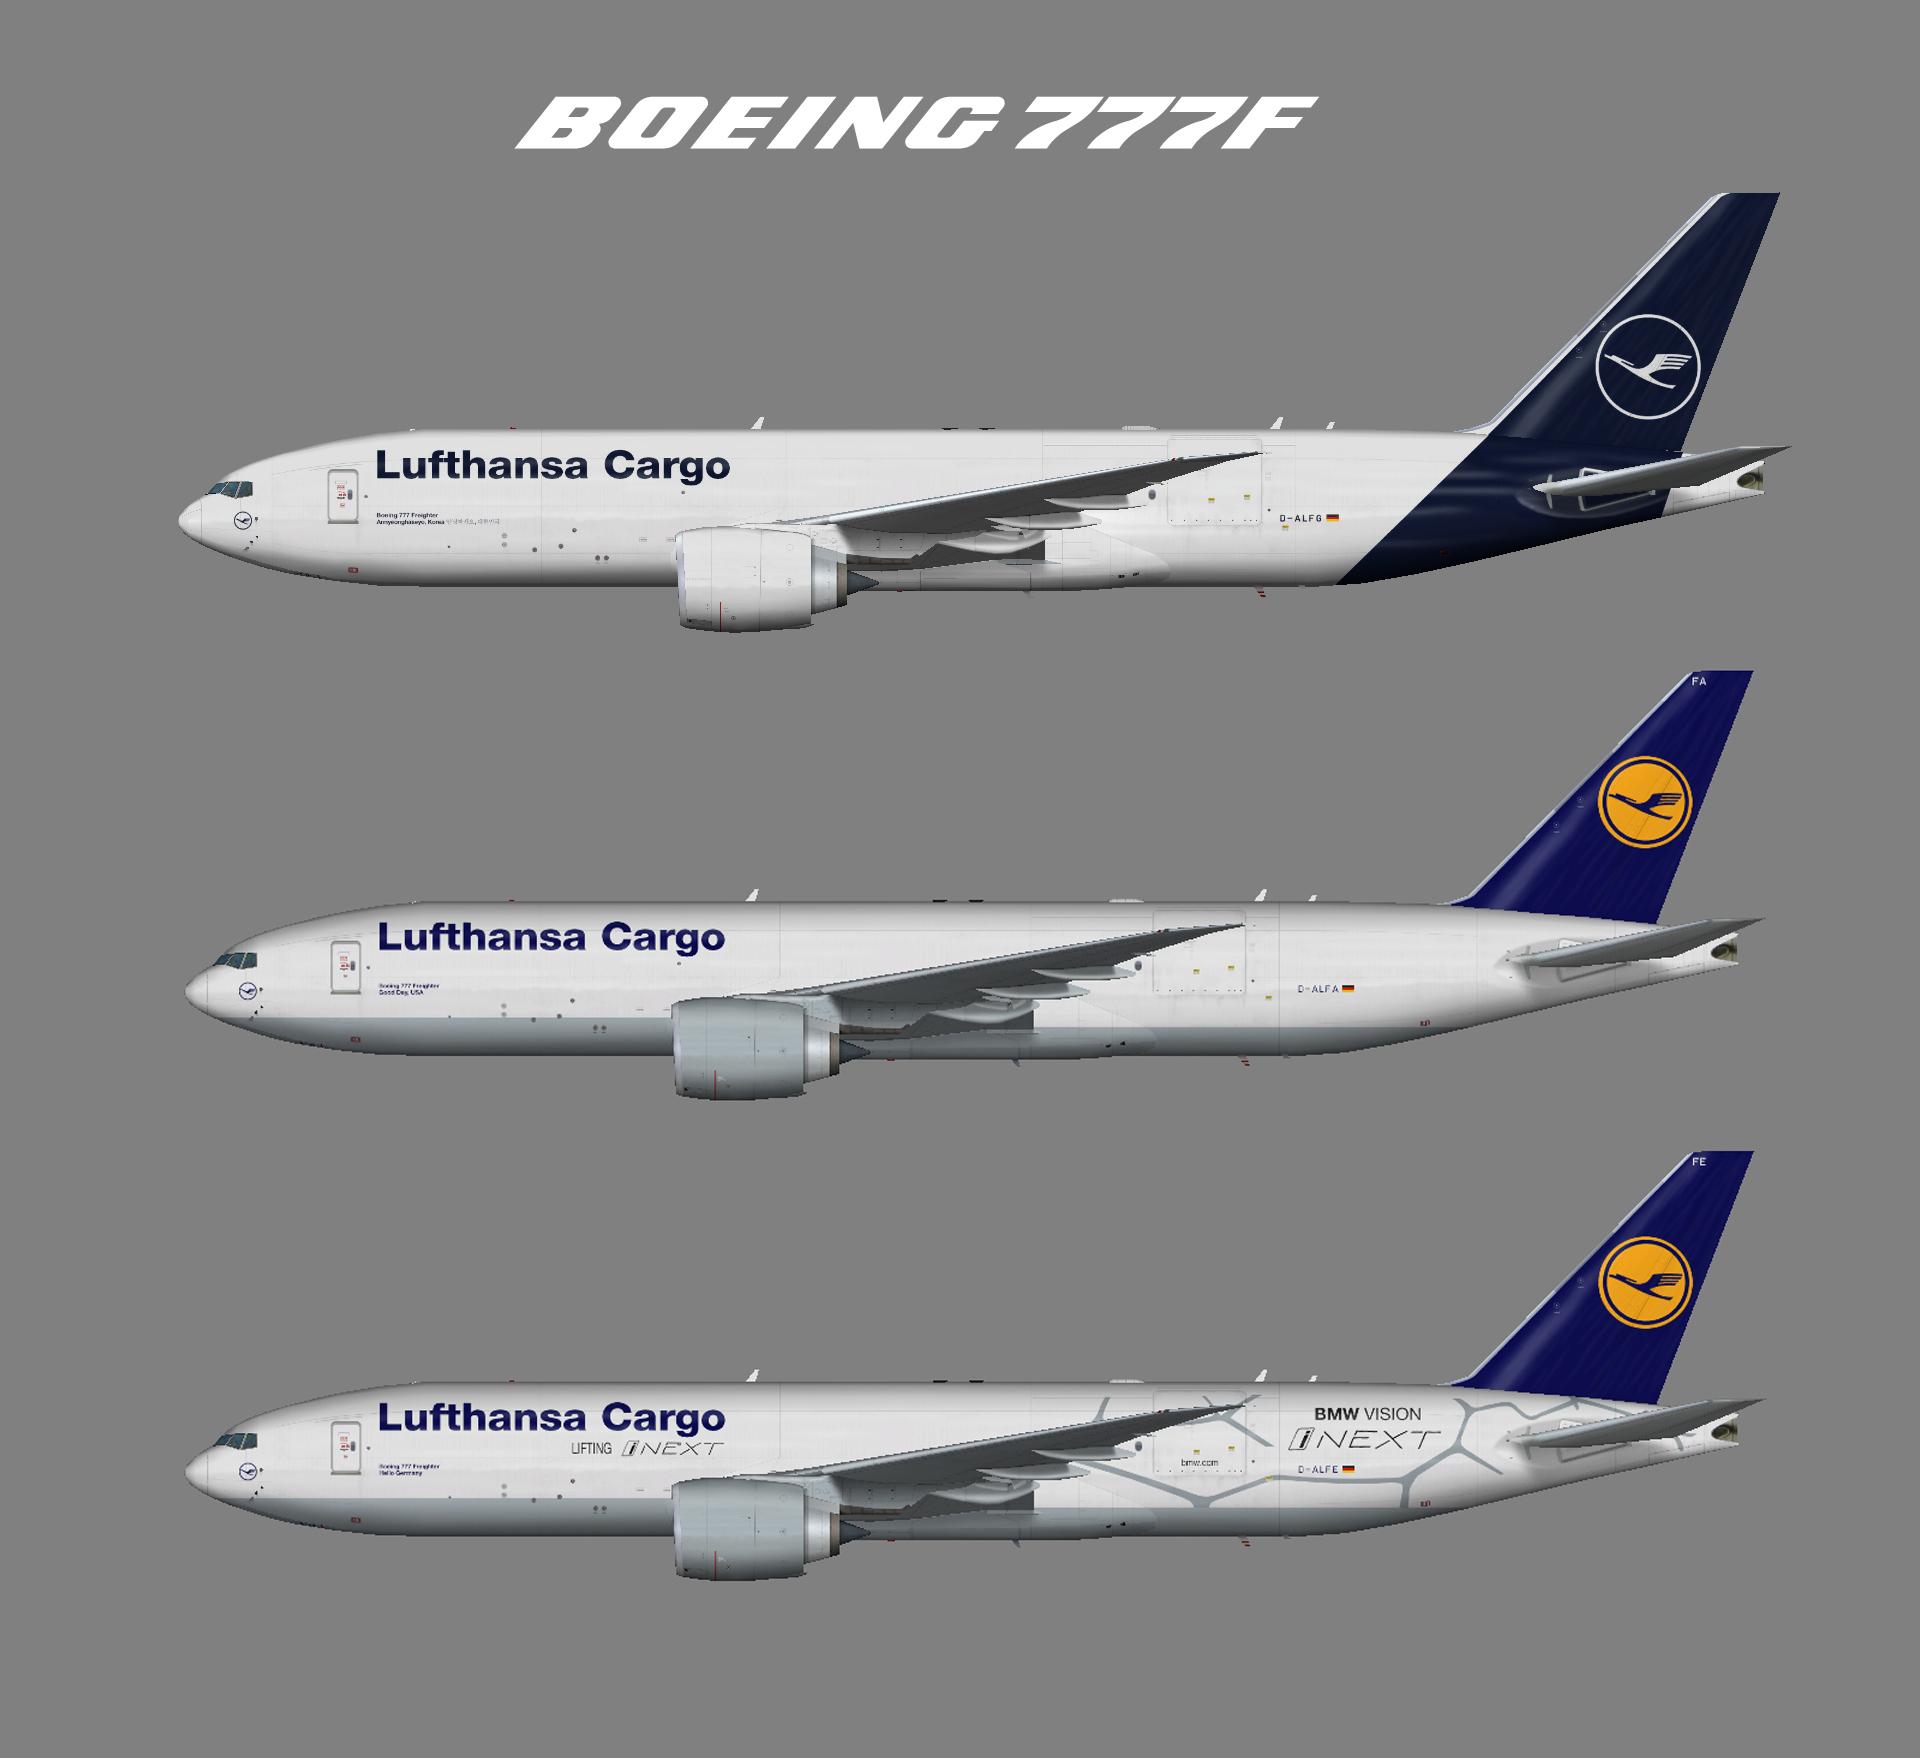 Lufthansa Cargo Boeing 777F (FSP)